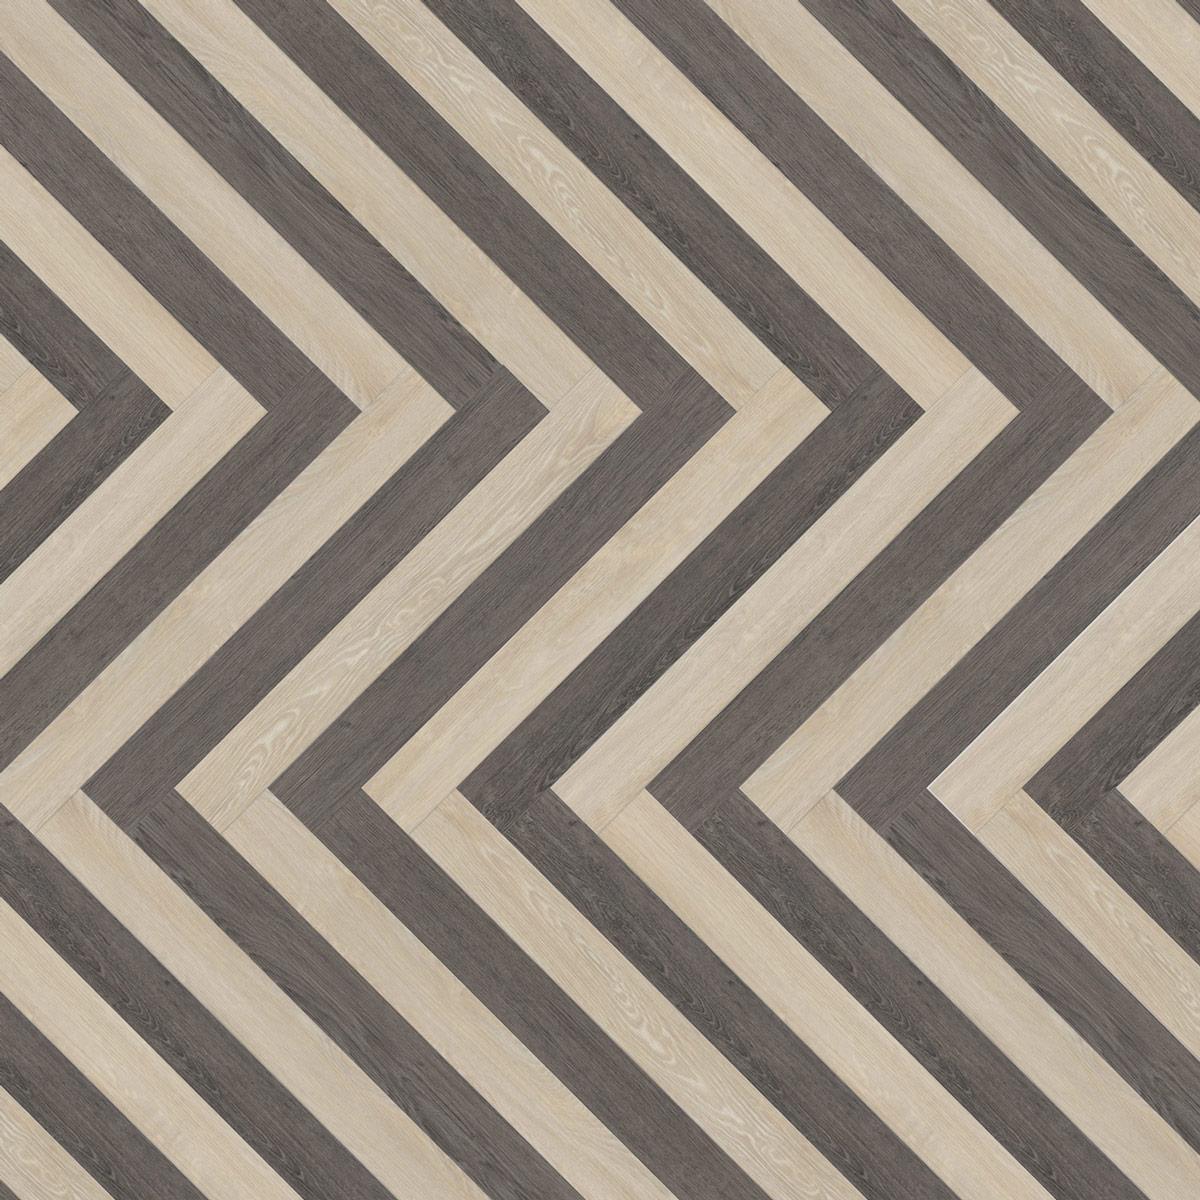 wineo Designboden Verlegekombinationen Muster hell und dunkel schräg